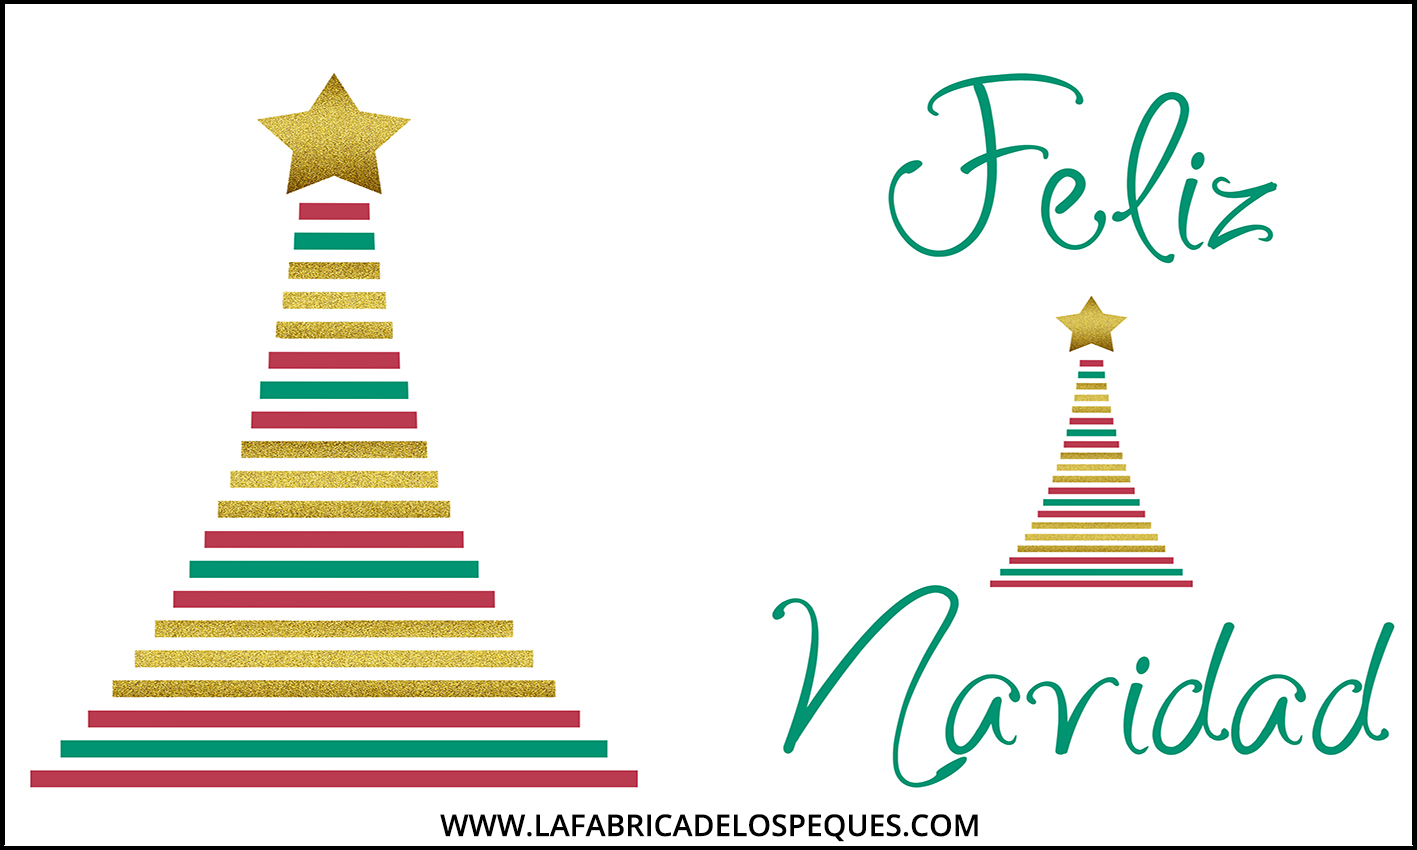 Imprimibles gratis: Postales navideñas - La fábrica de los peques